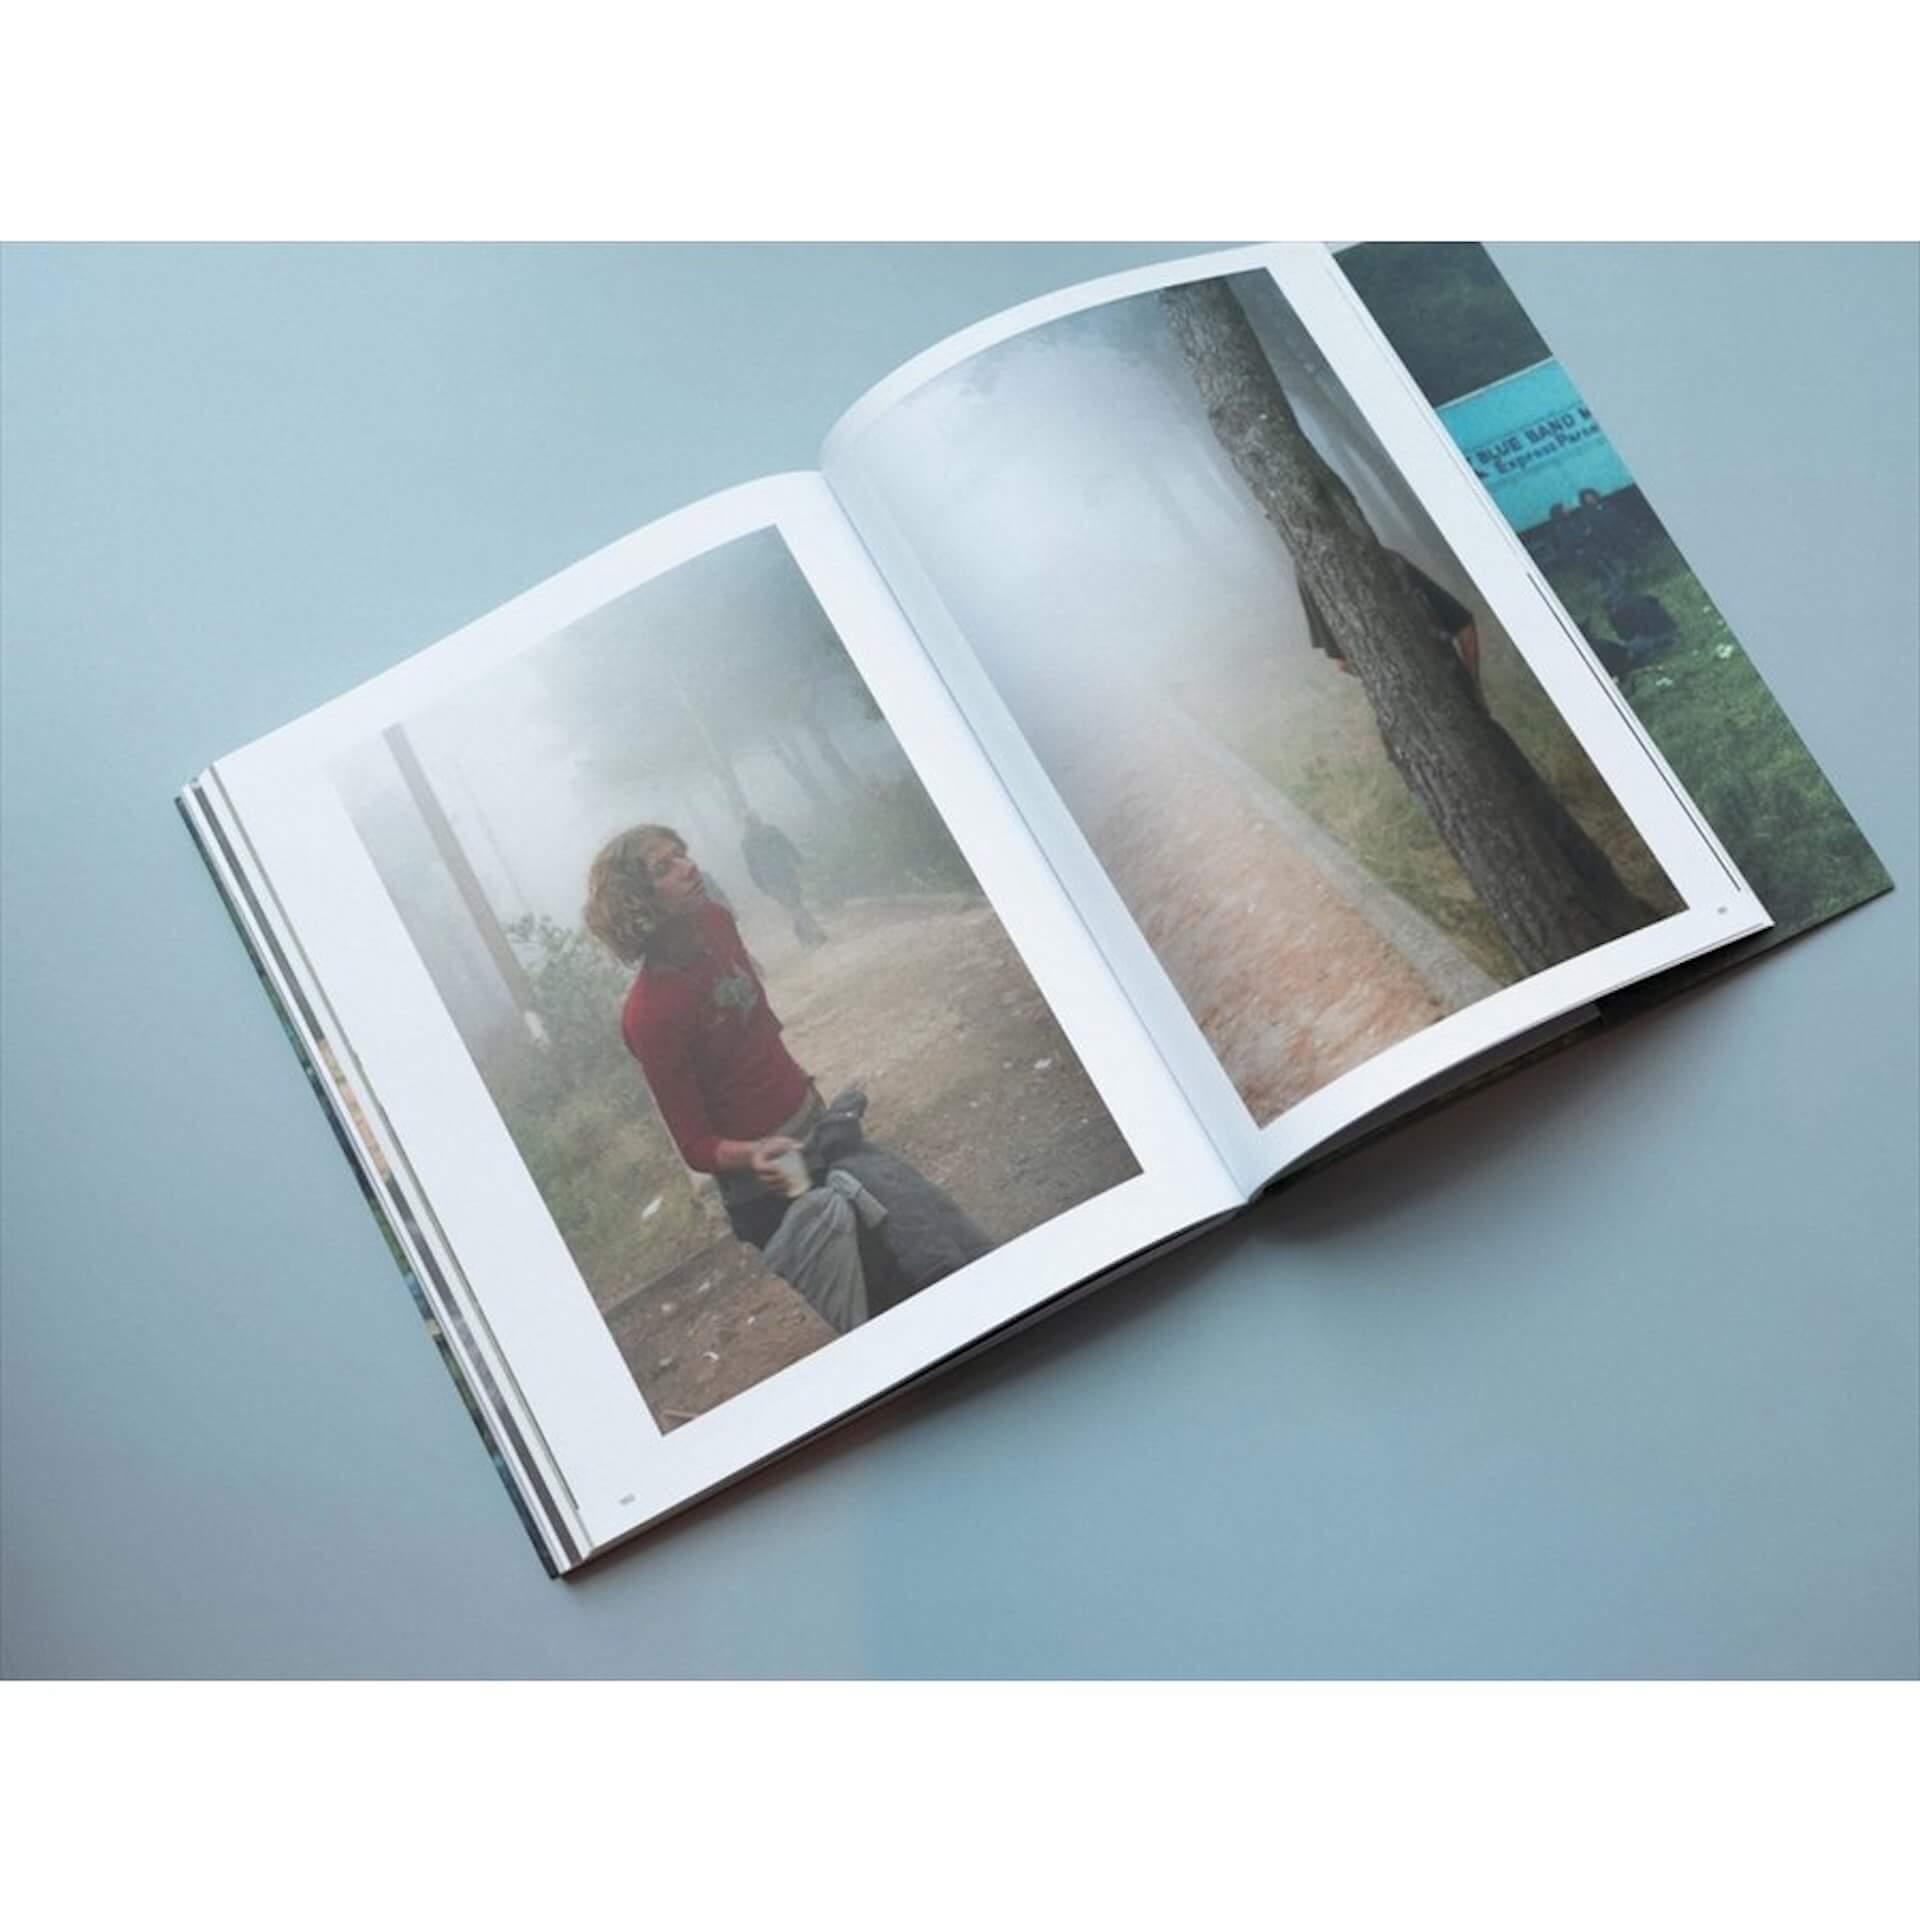 アートブックノススメ|Qetic編集部が選ぶ5冊/Harmony Korine 他 column210210_artbook-08